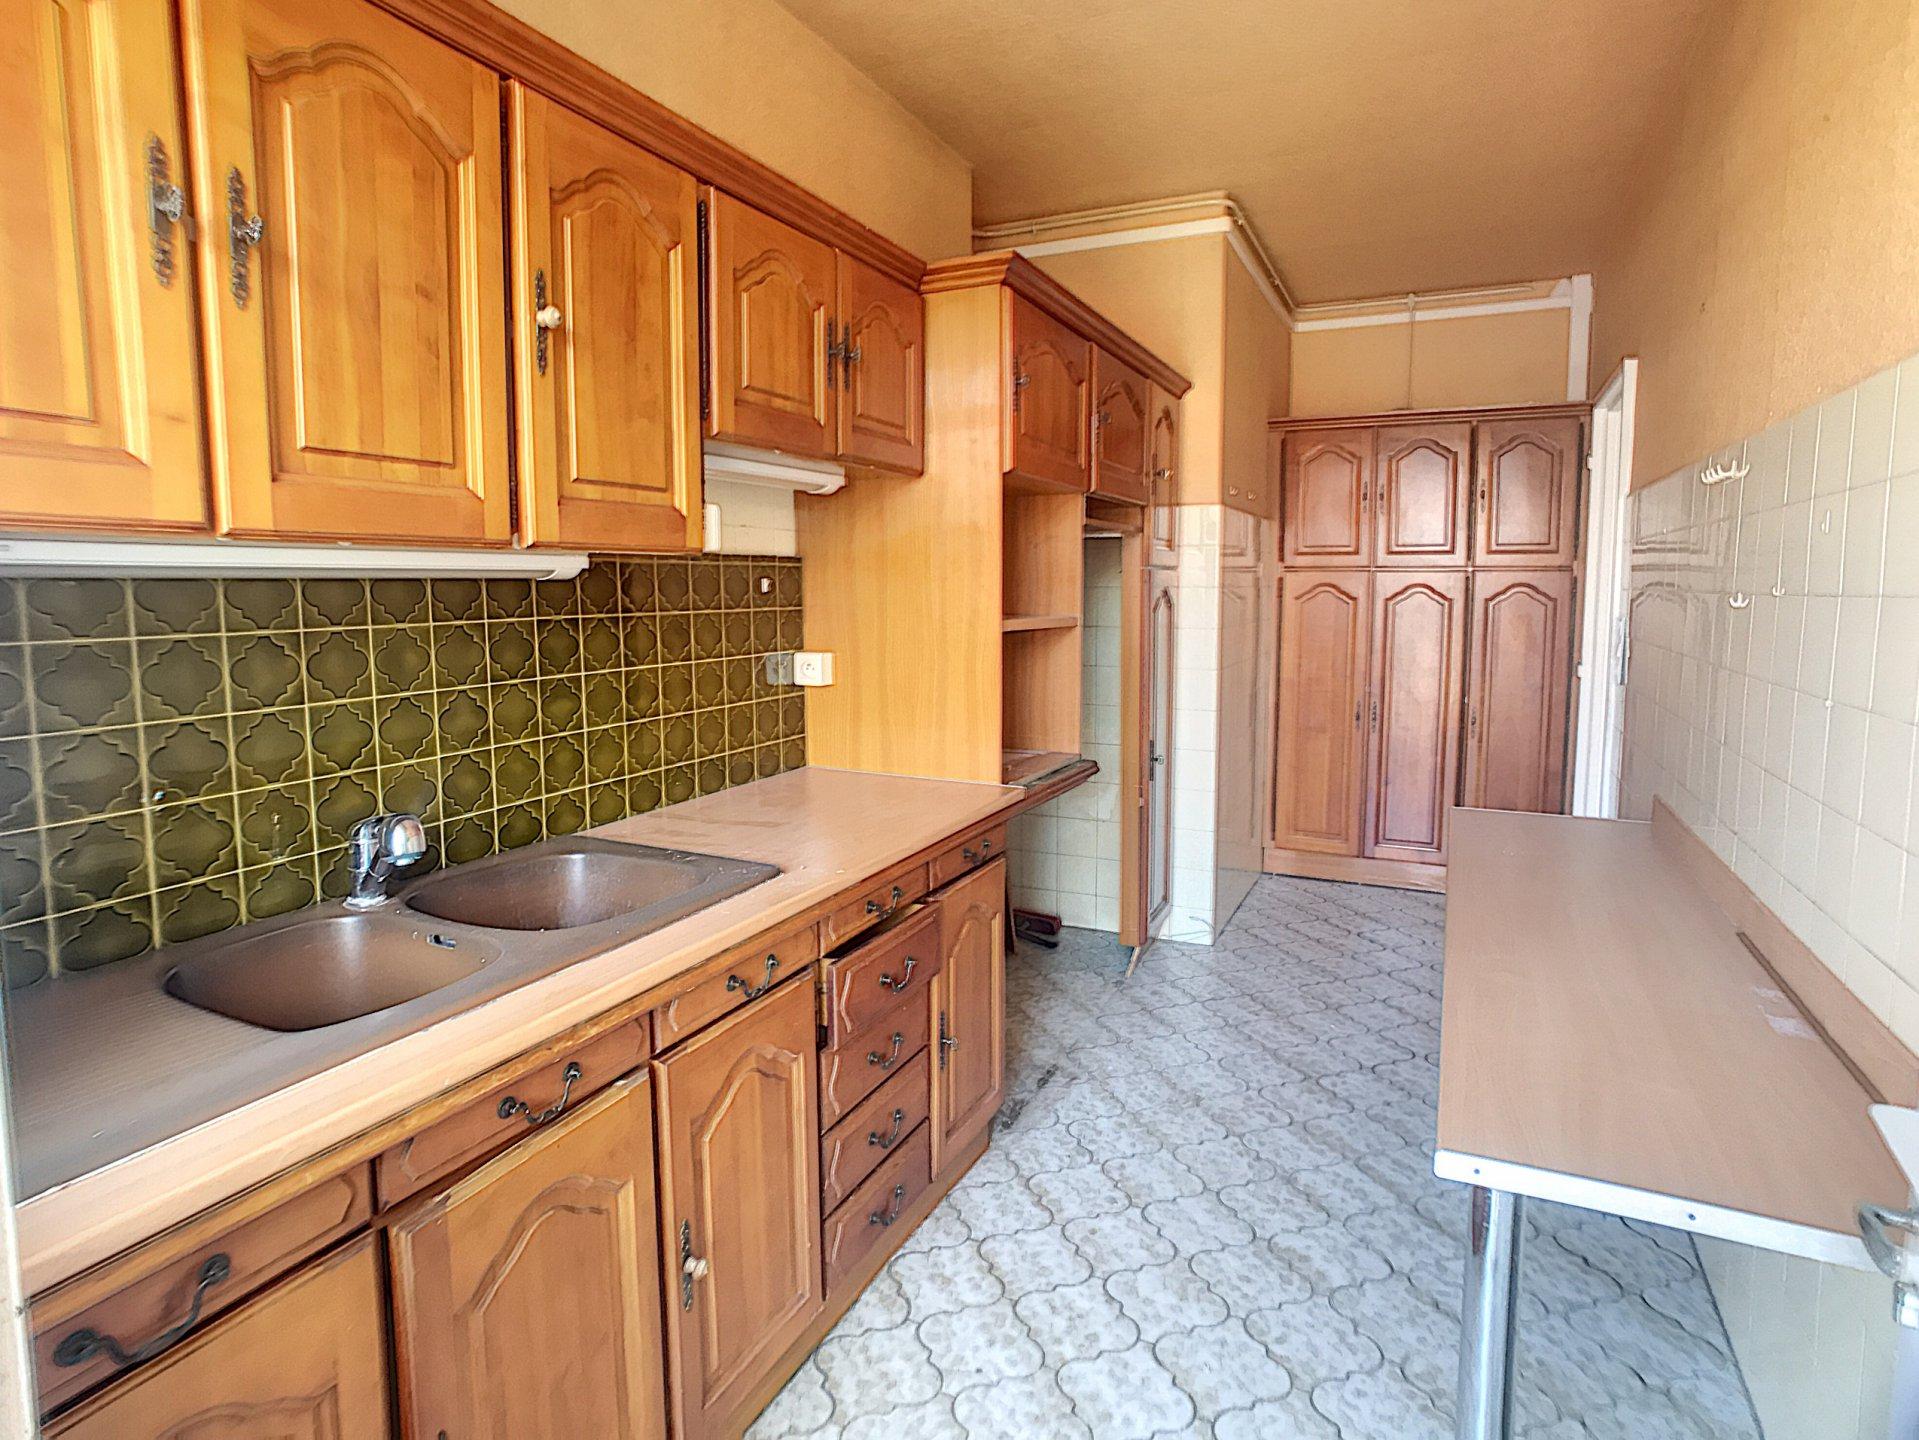 VENTE Appartement 2P 62M2 Nice Carré d'Or Terrasse Vue Balcon